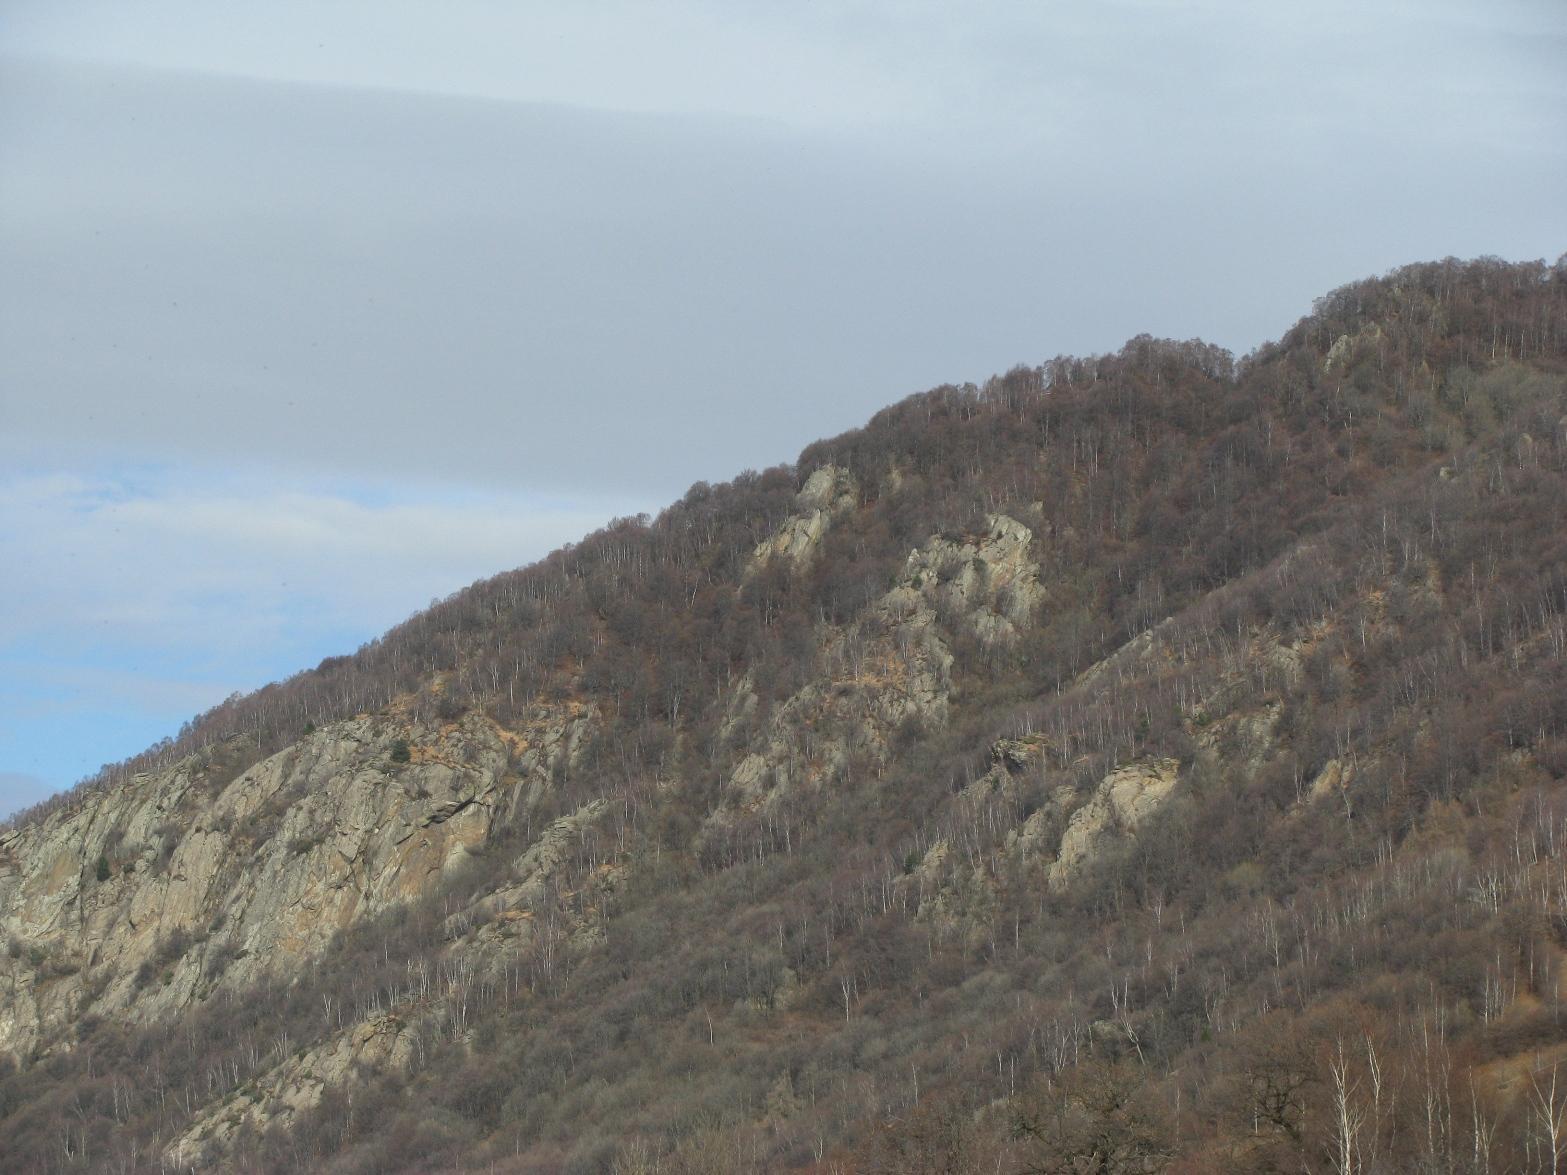 La dorsale del Monte delle Cassie; la punta è all'incirca al centro